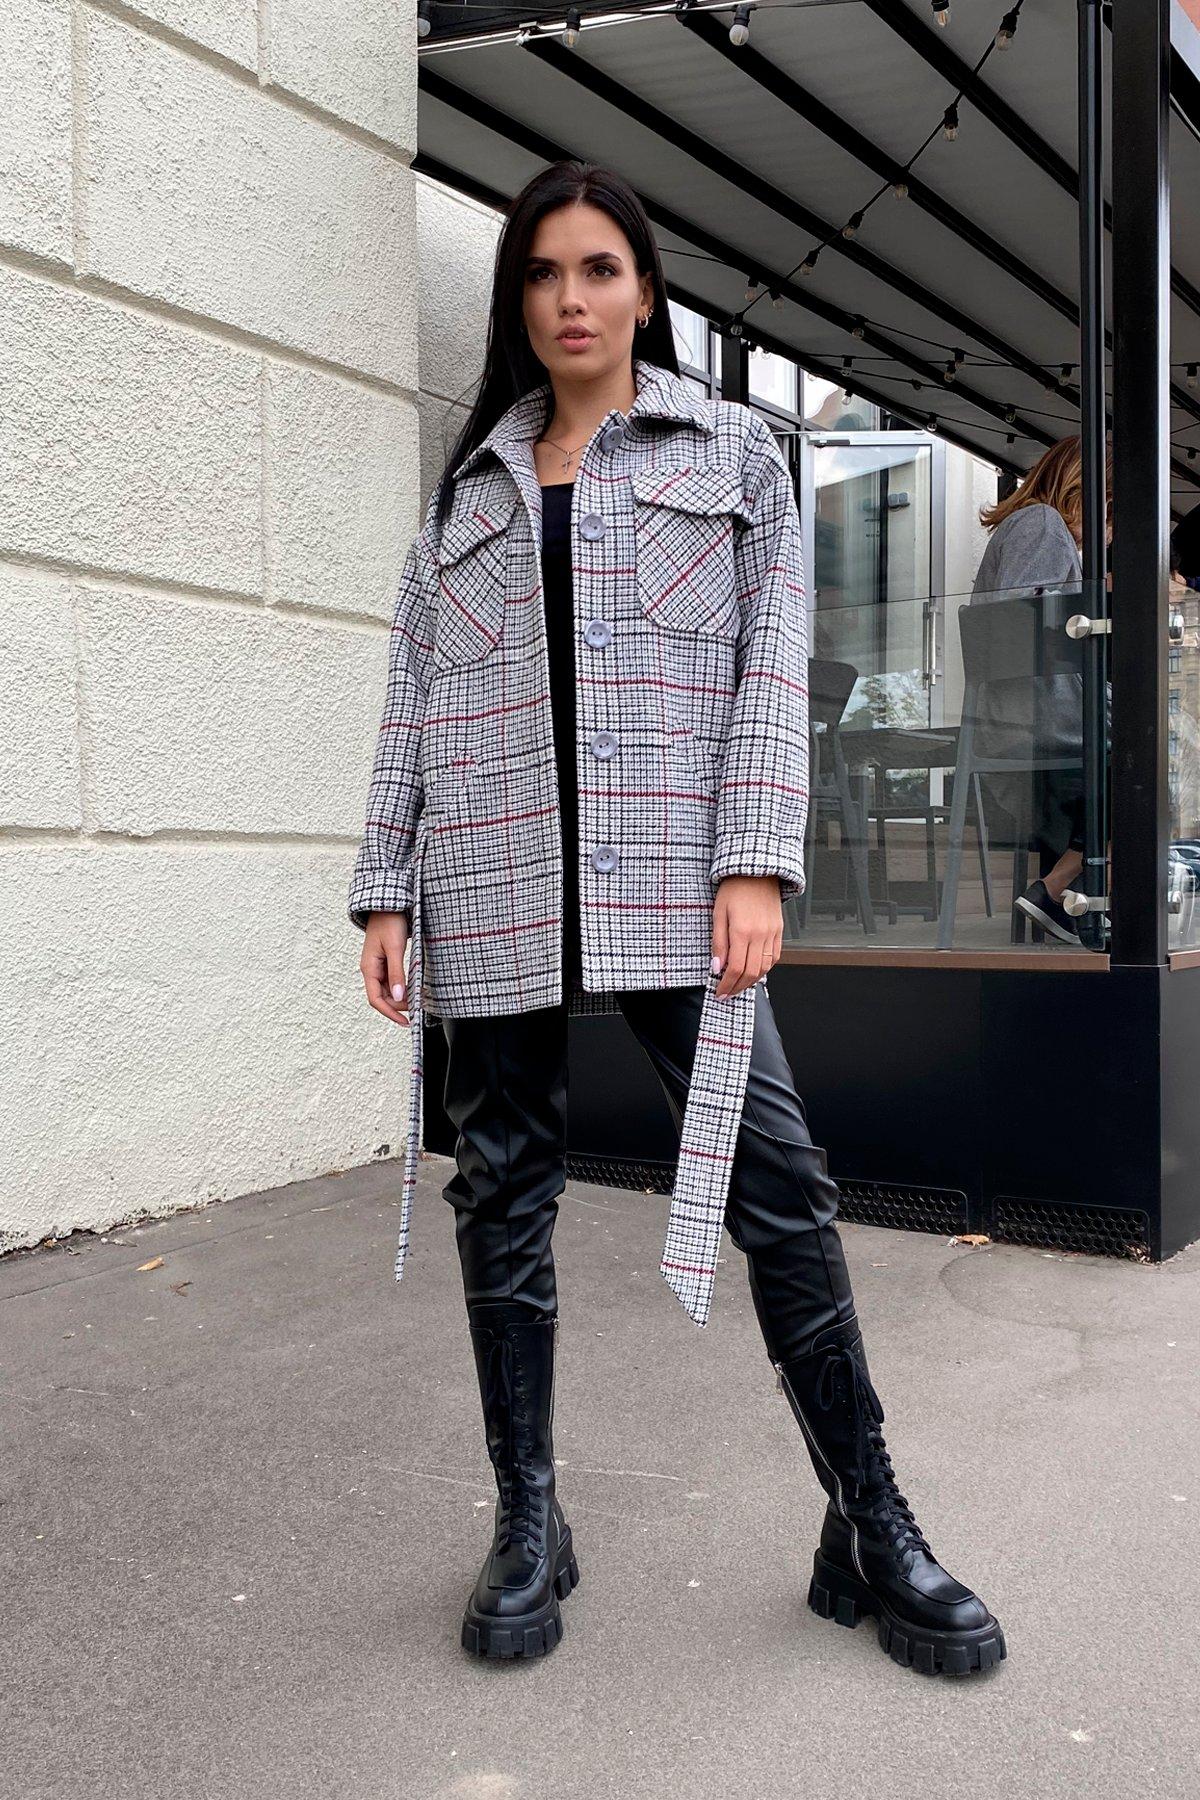 Энрике клетка крупная пальтовая ткань пальто 9036 АРТ. 46157 Цвет: Комби Черный/серый/винный - фото 4, интернет магазин tm-modus.ru